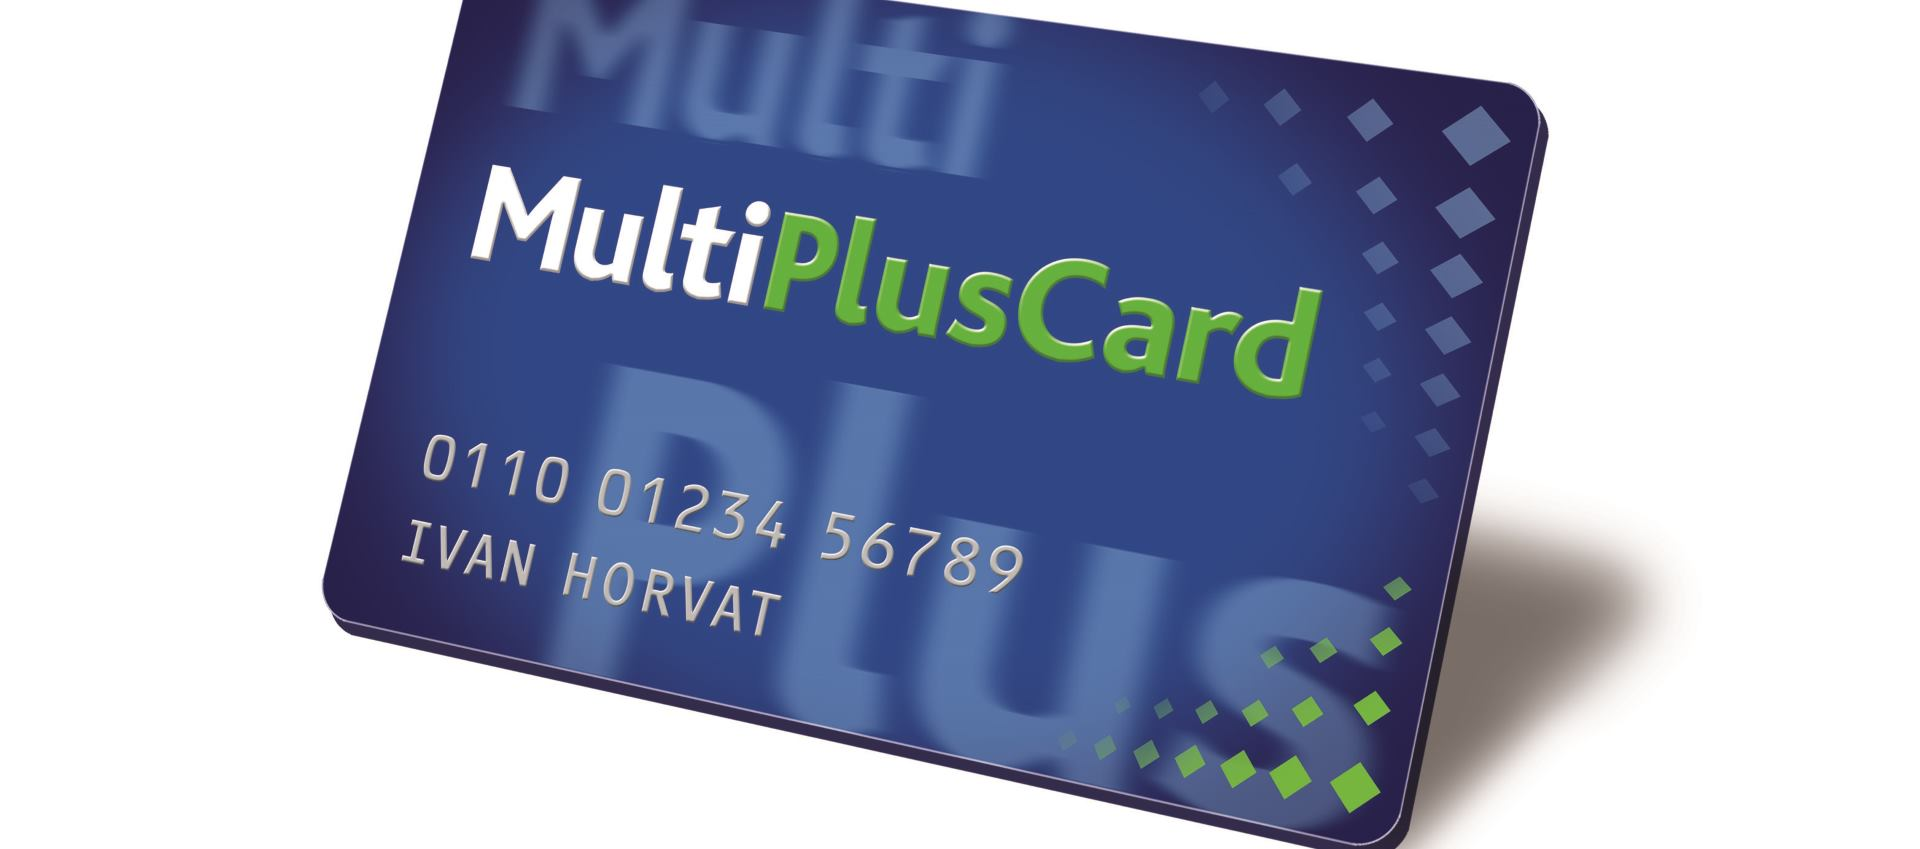 MultiPlusCard program apsolutni je broj jedan program nagrađivanja vjernosti kupaca